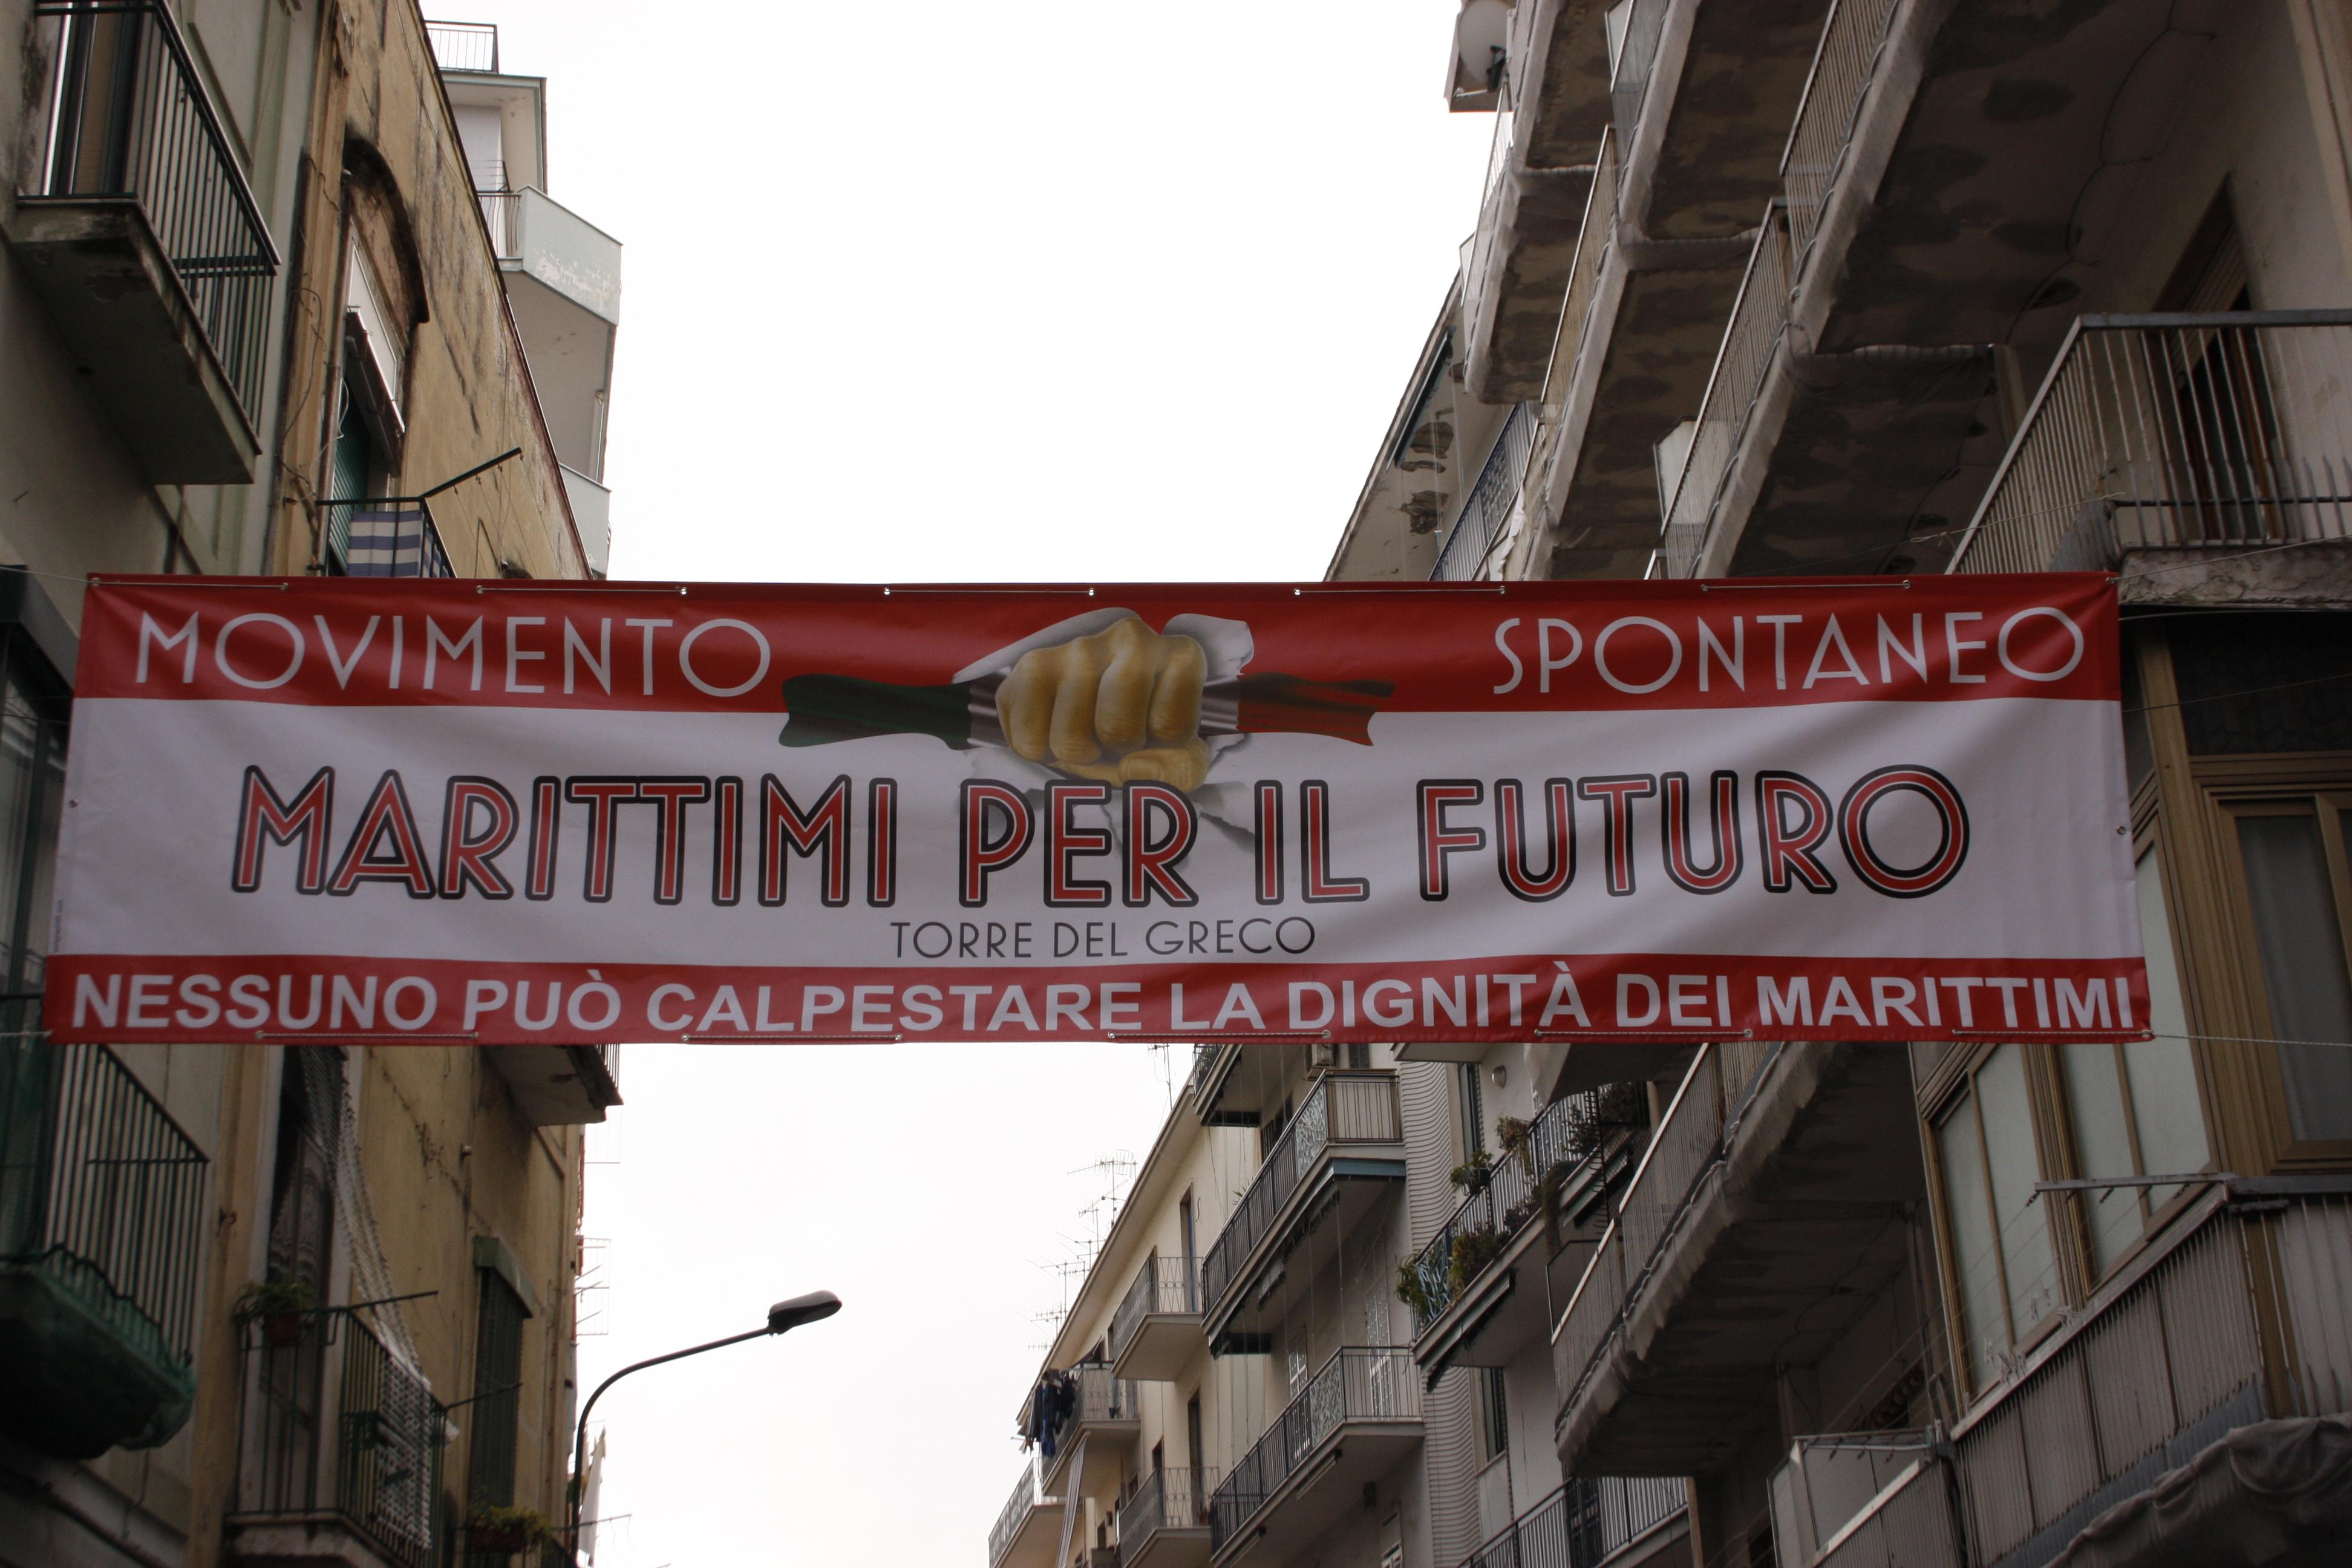 Chiesto incontro urgente con i sindaci di Ercolano e Torre del Greco per manifestazione modifica legge 30/98